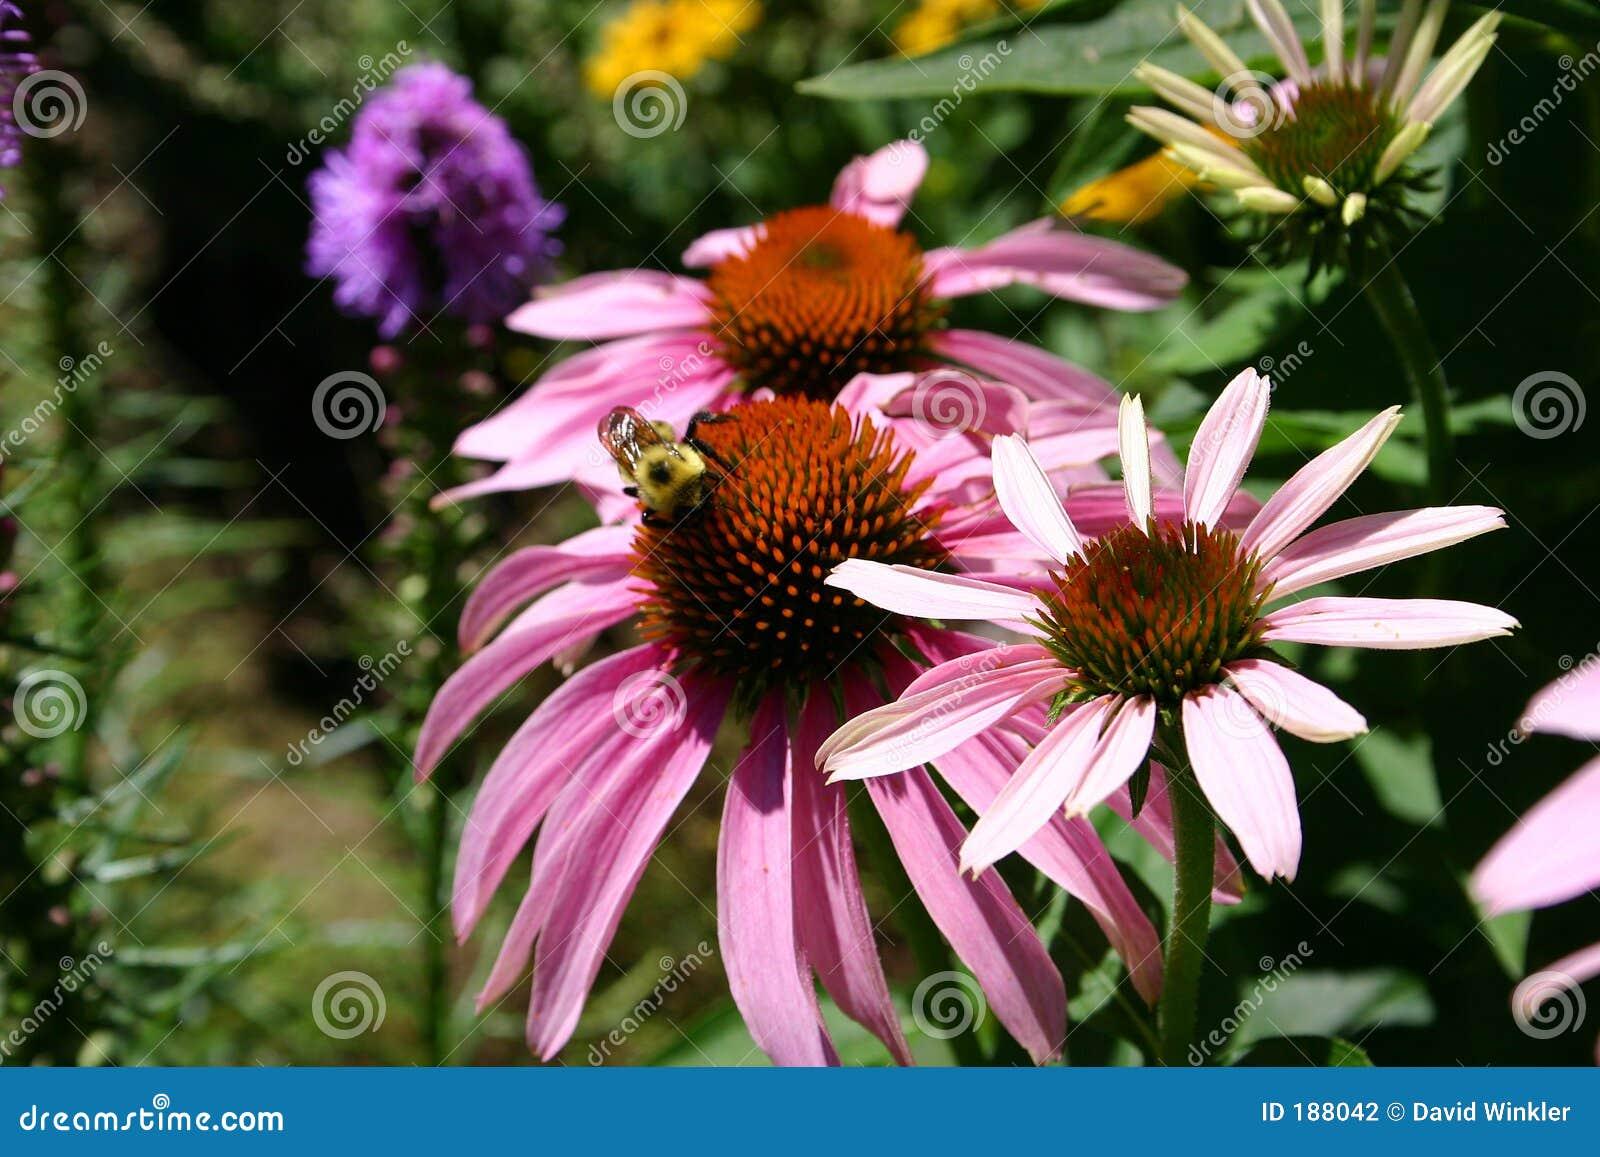 Una abeja en el jardín 3